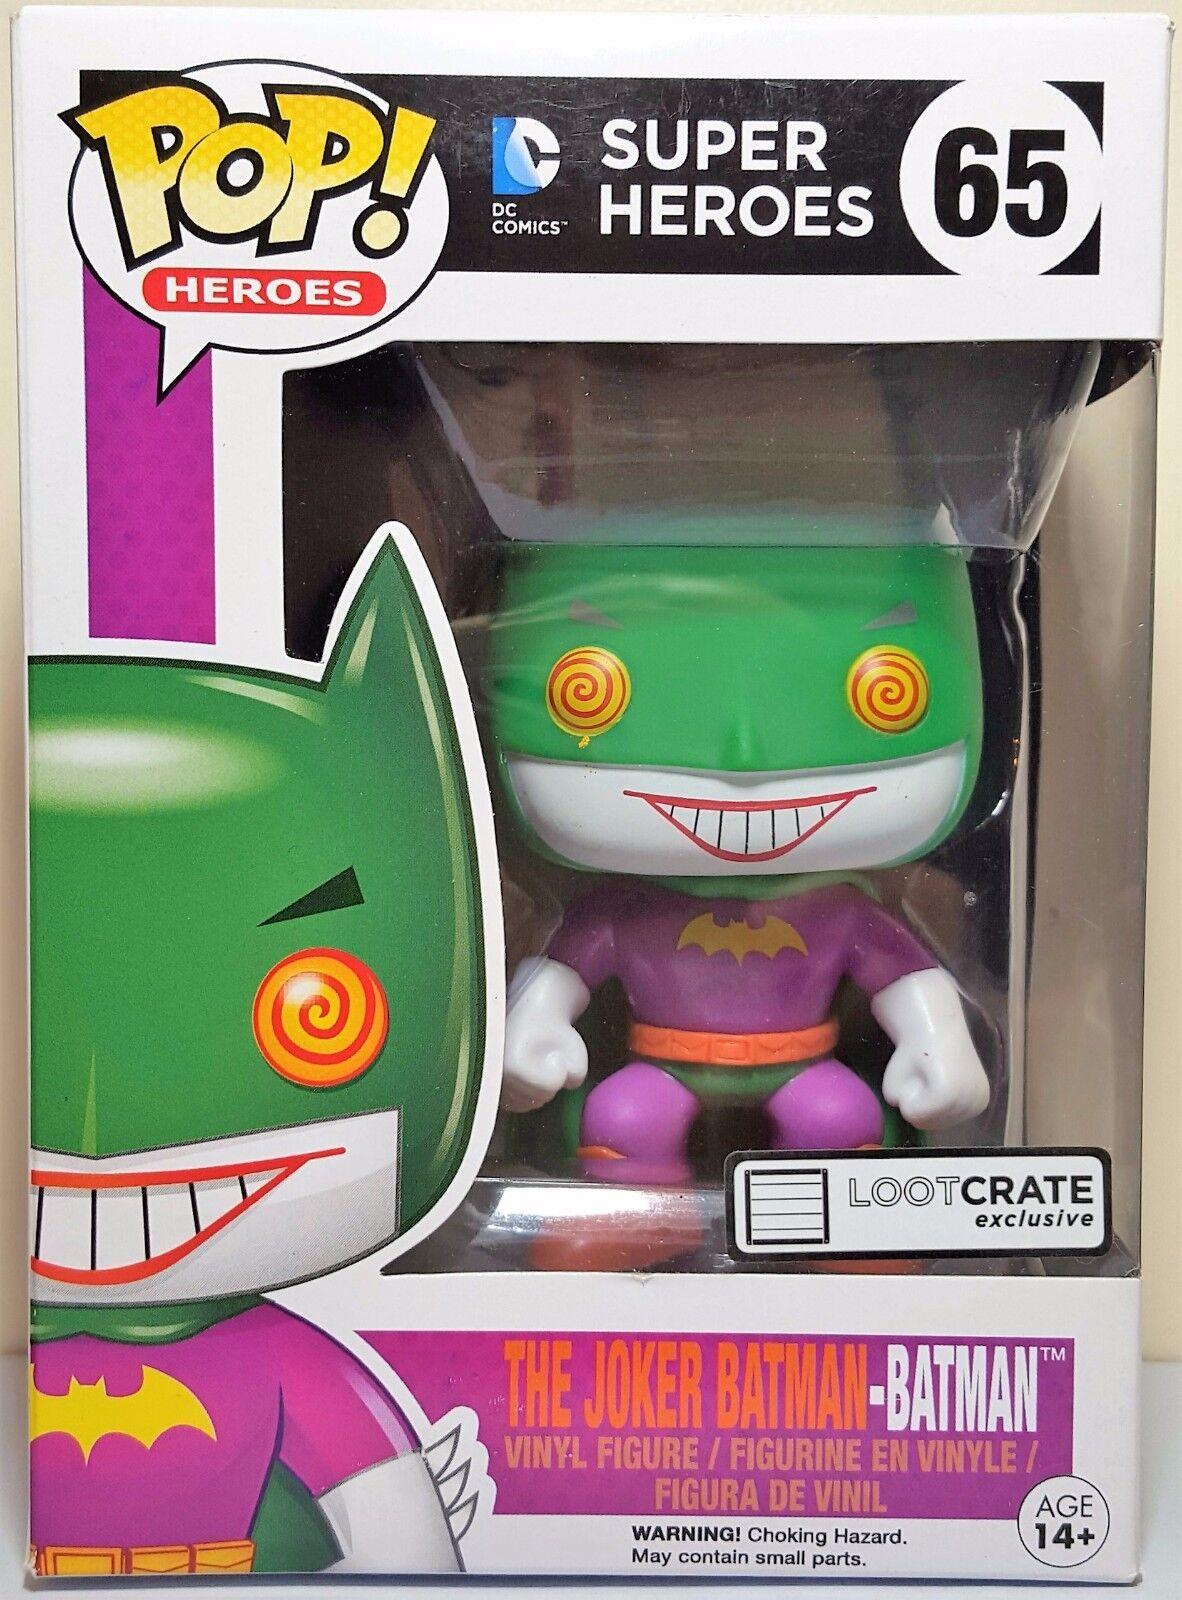 Funko Pop The Joker Batman   65 Super Heroes Loot Crate Exclusive Figure New